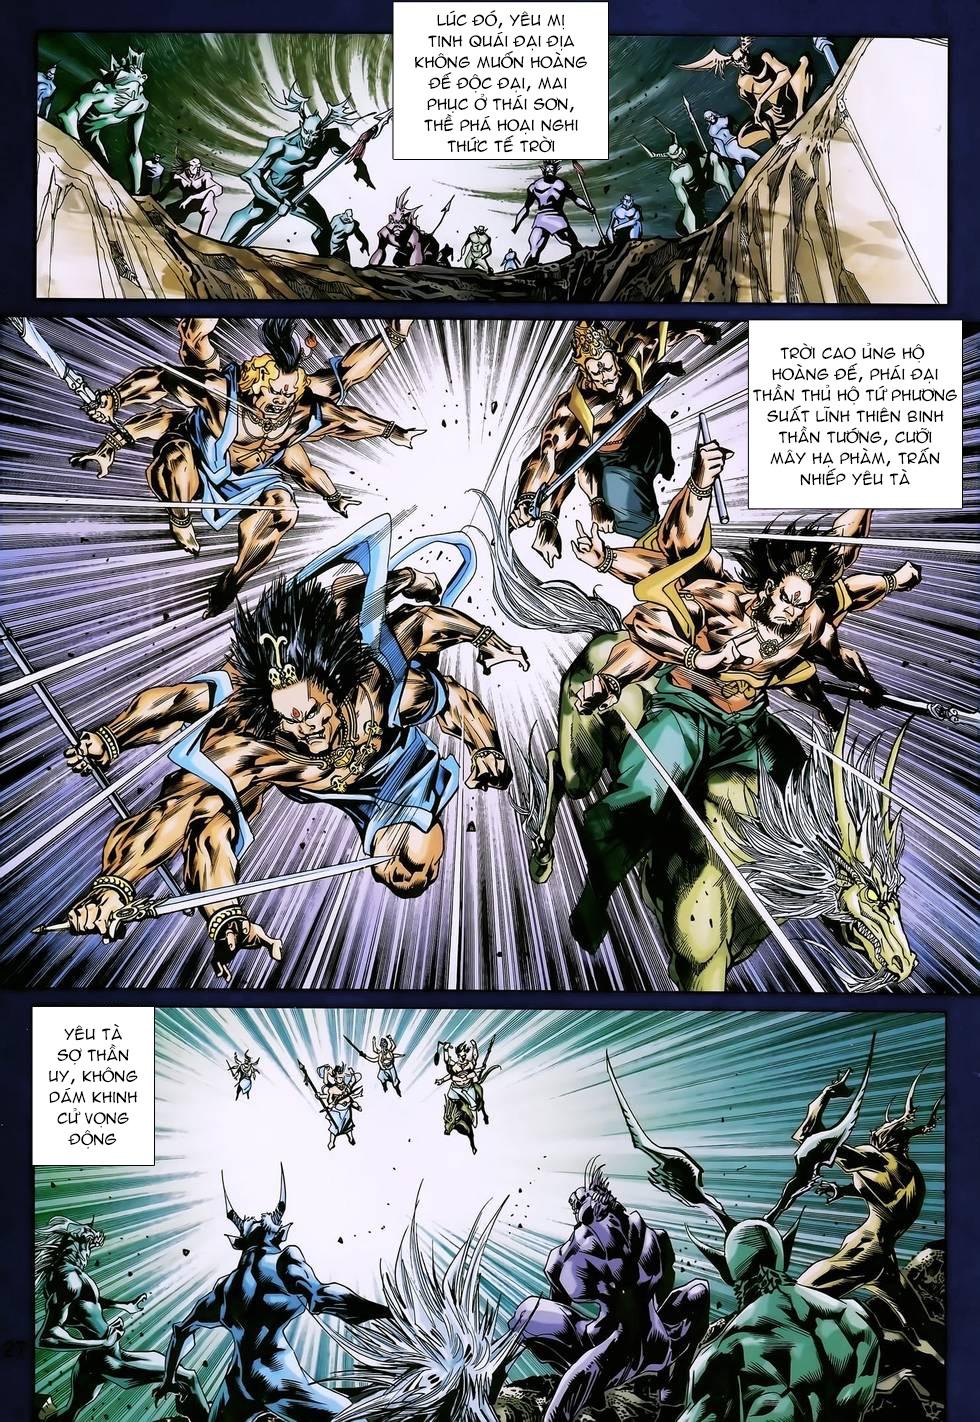 Thần binh huyền kỳ 3 - 3.5 tập 172 - 13